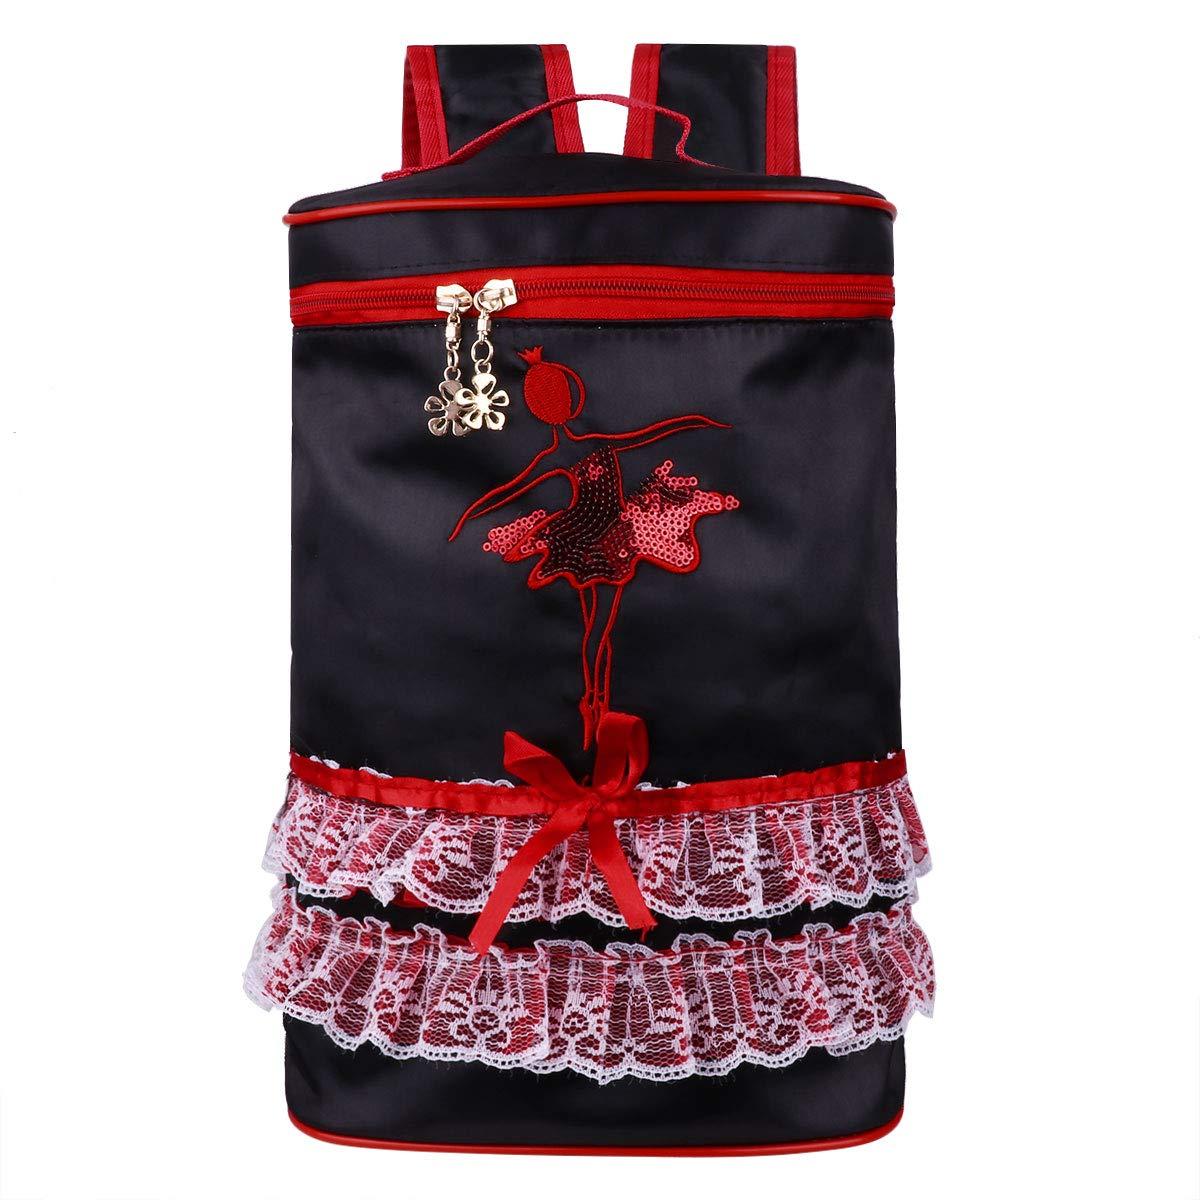 Agoky Bolsa de Ballet de Satén para Niñas Mochila Bordada Infantil de Ballet Danza Bolsa con Encaje Personalizada para Chicas FXD10058154-10058153-ES